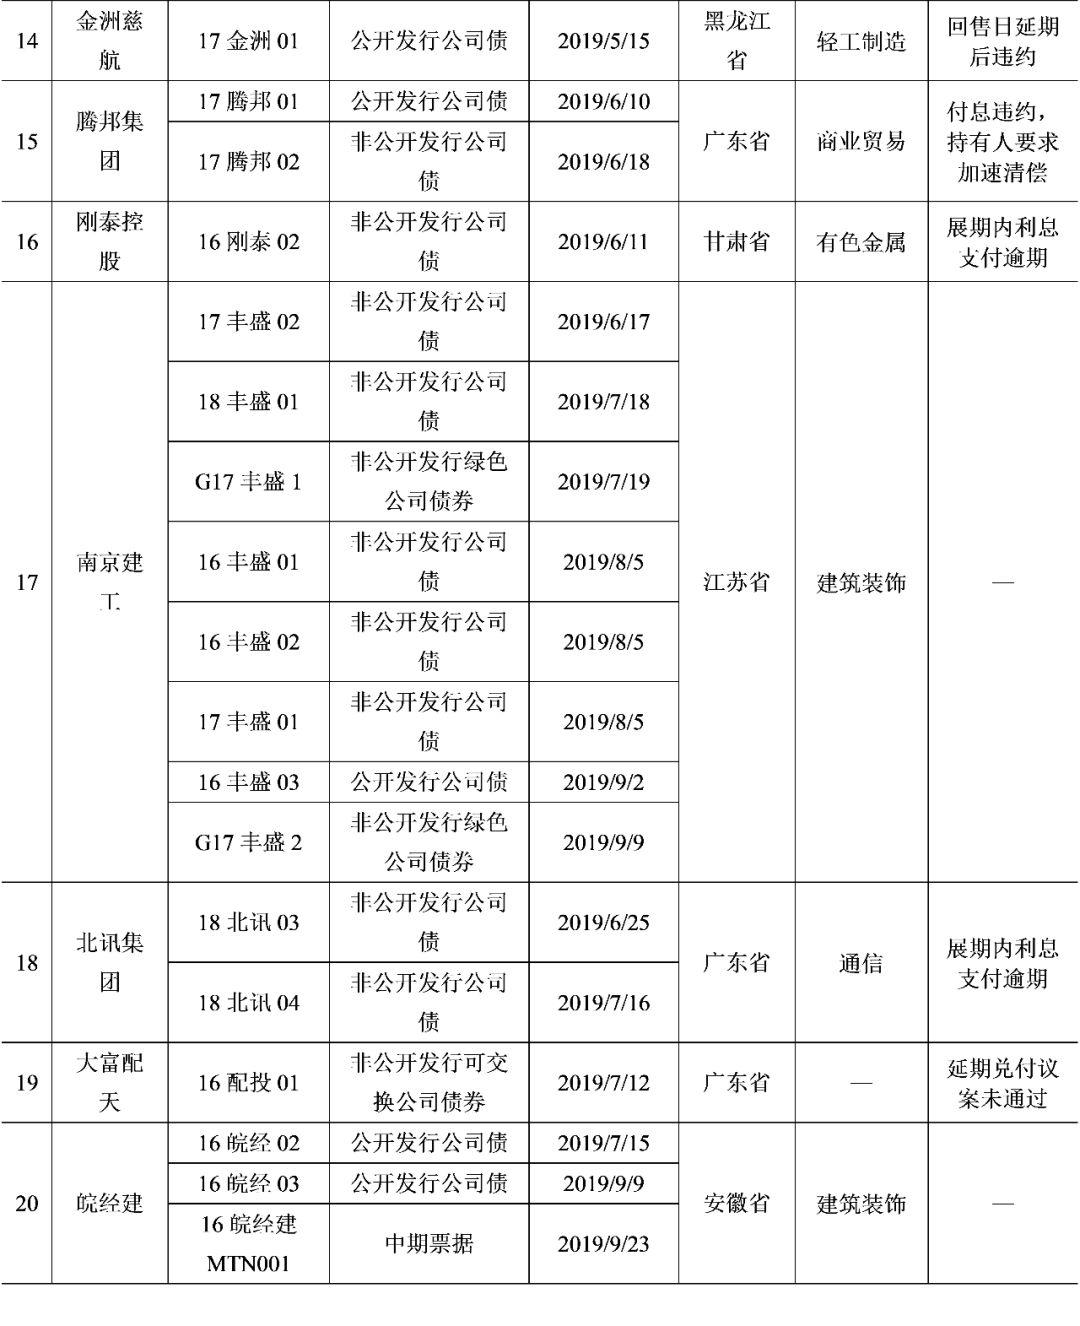 缅甸有皇冠赌场-台湾2020民调:蔡英文输惨 支持率不及韩国瑜一半